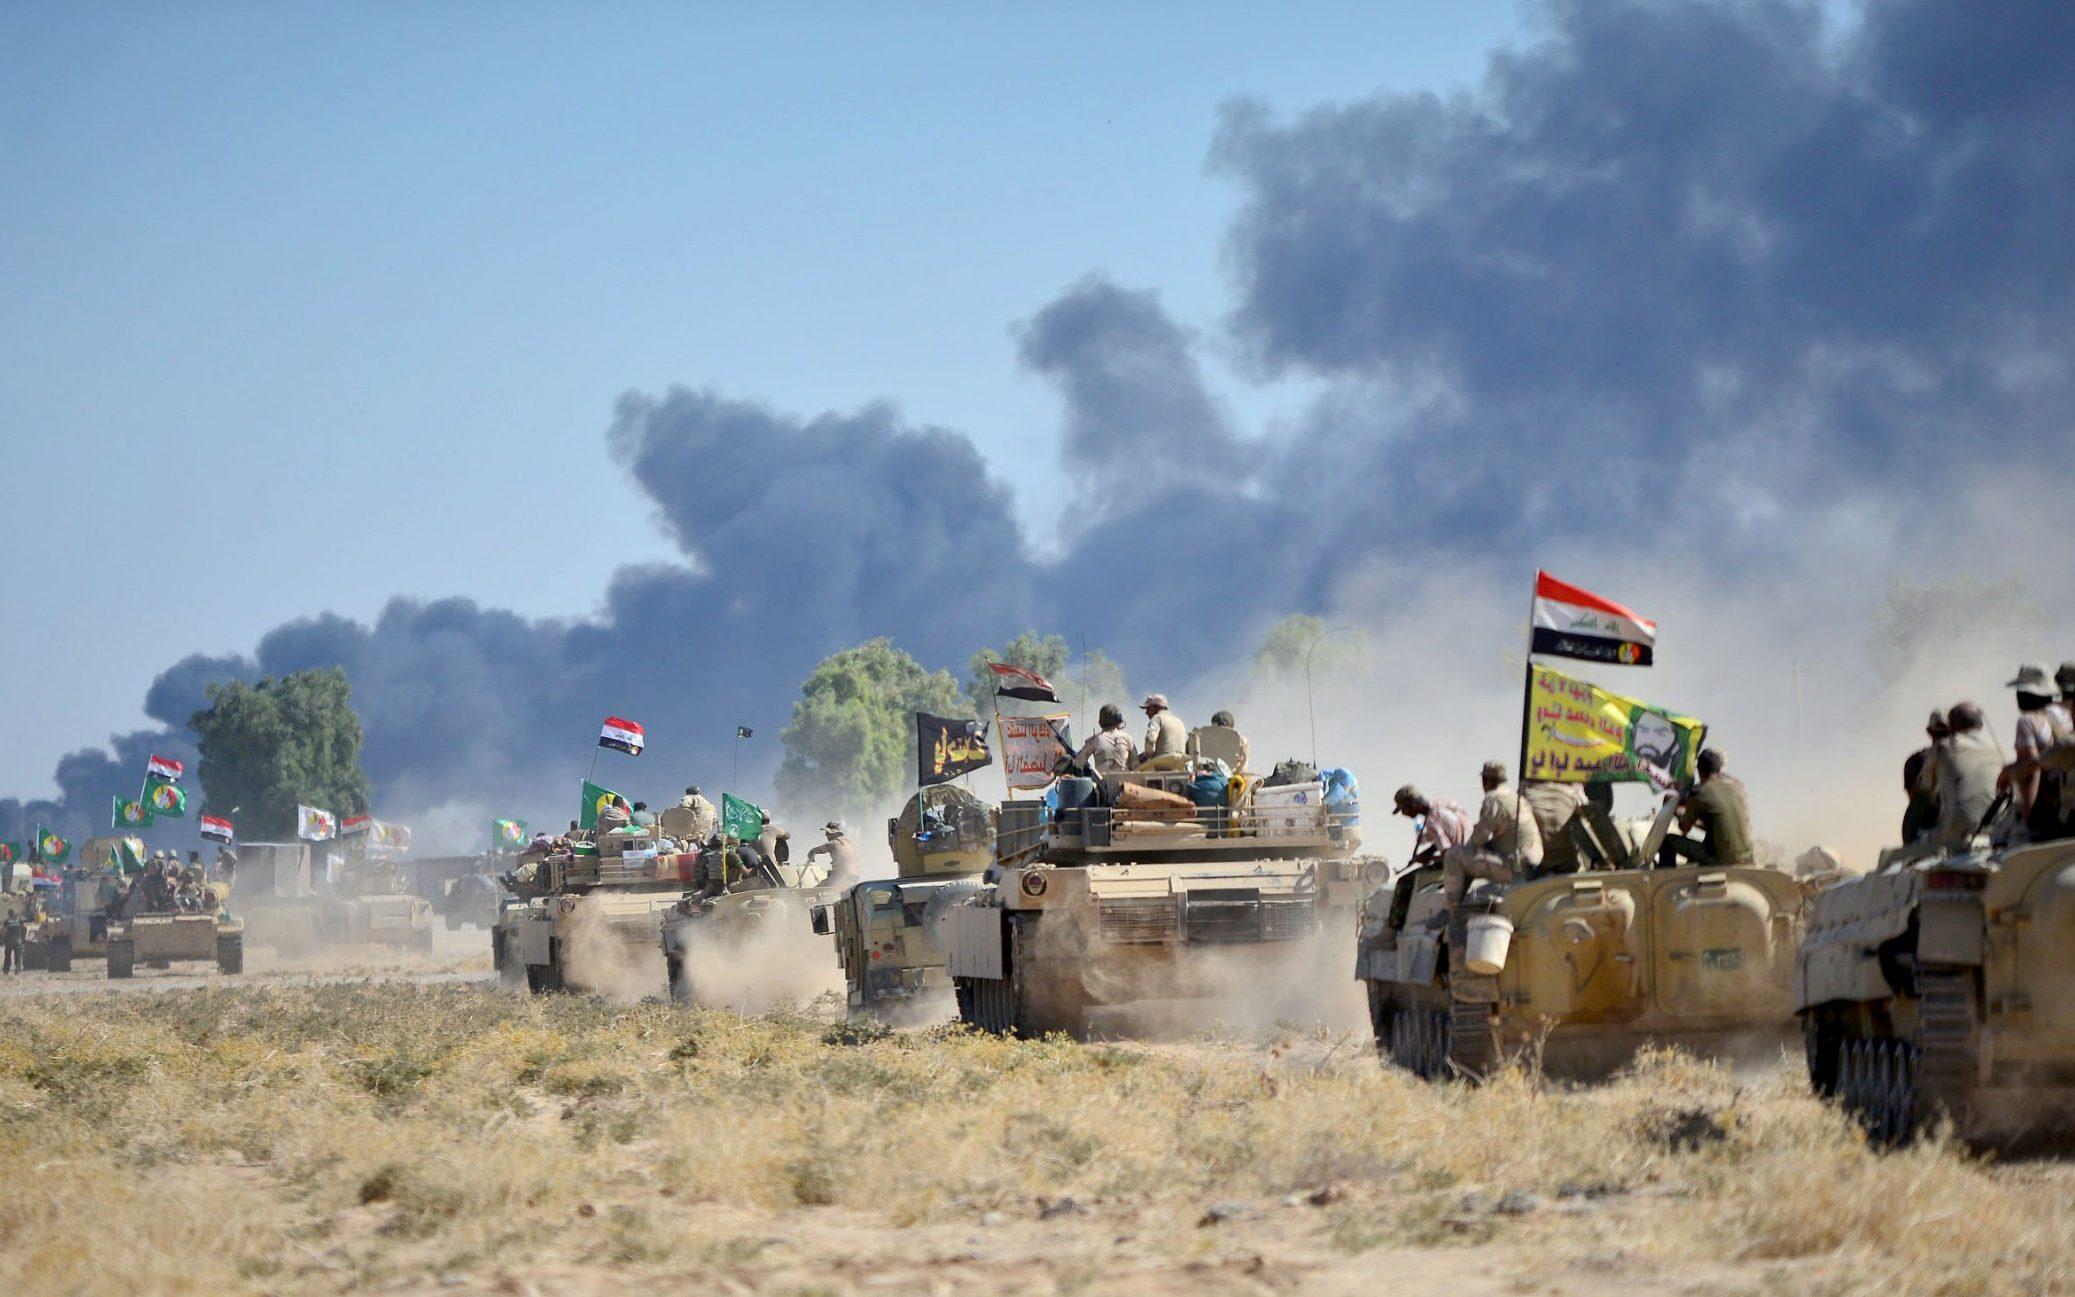 القوات العراقية تعثر على 70 عبوة ناسفة وتفجر 5 أنفاق فى نينوى